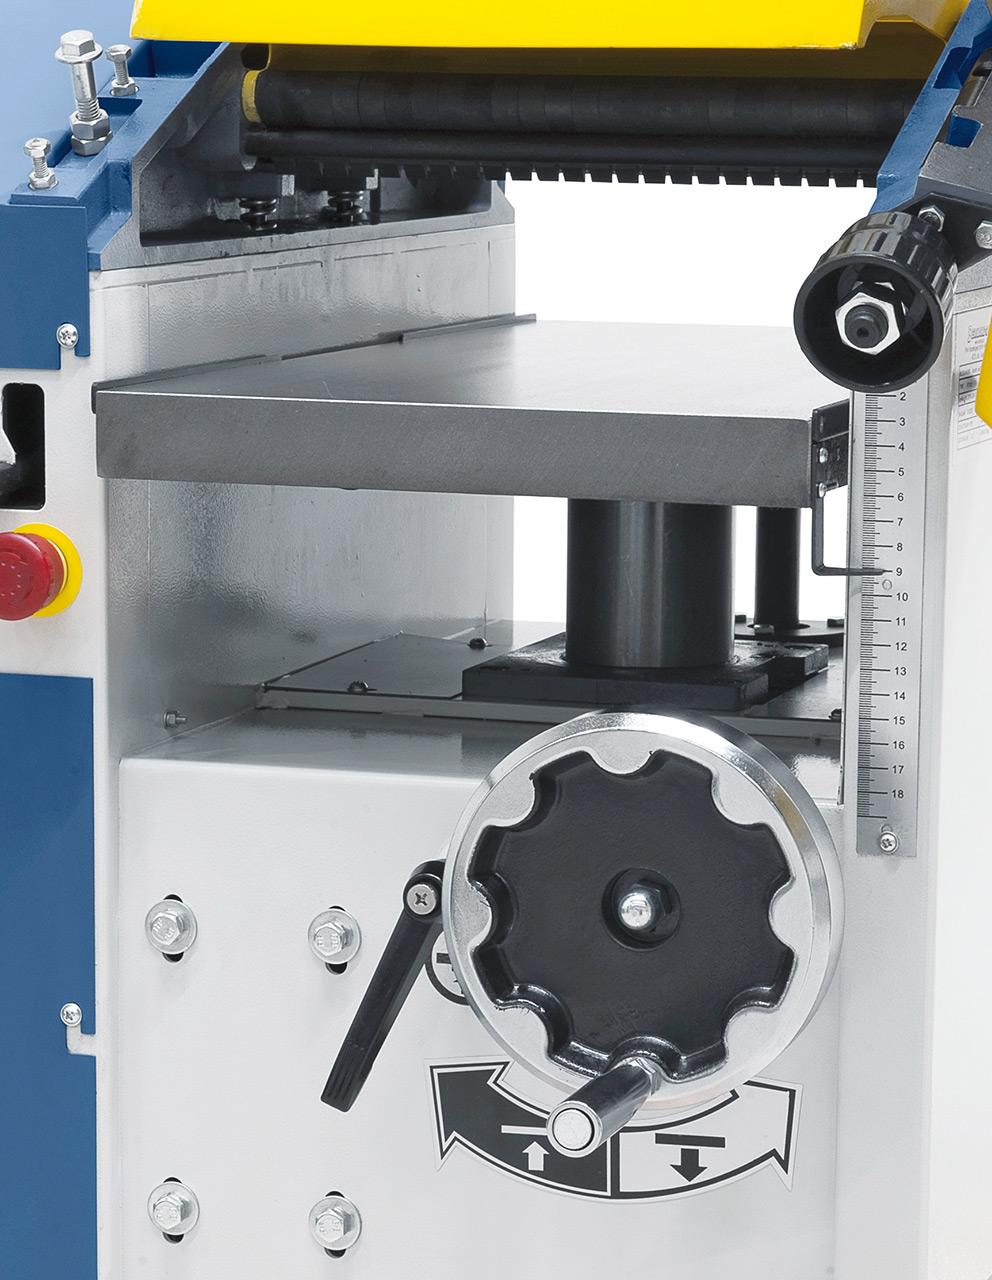 Dickentisch aus Grauguss mit mittiger Zentralsäule und Abstützung, für Werkstücke bis 180 mm Höhe.